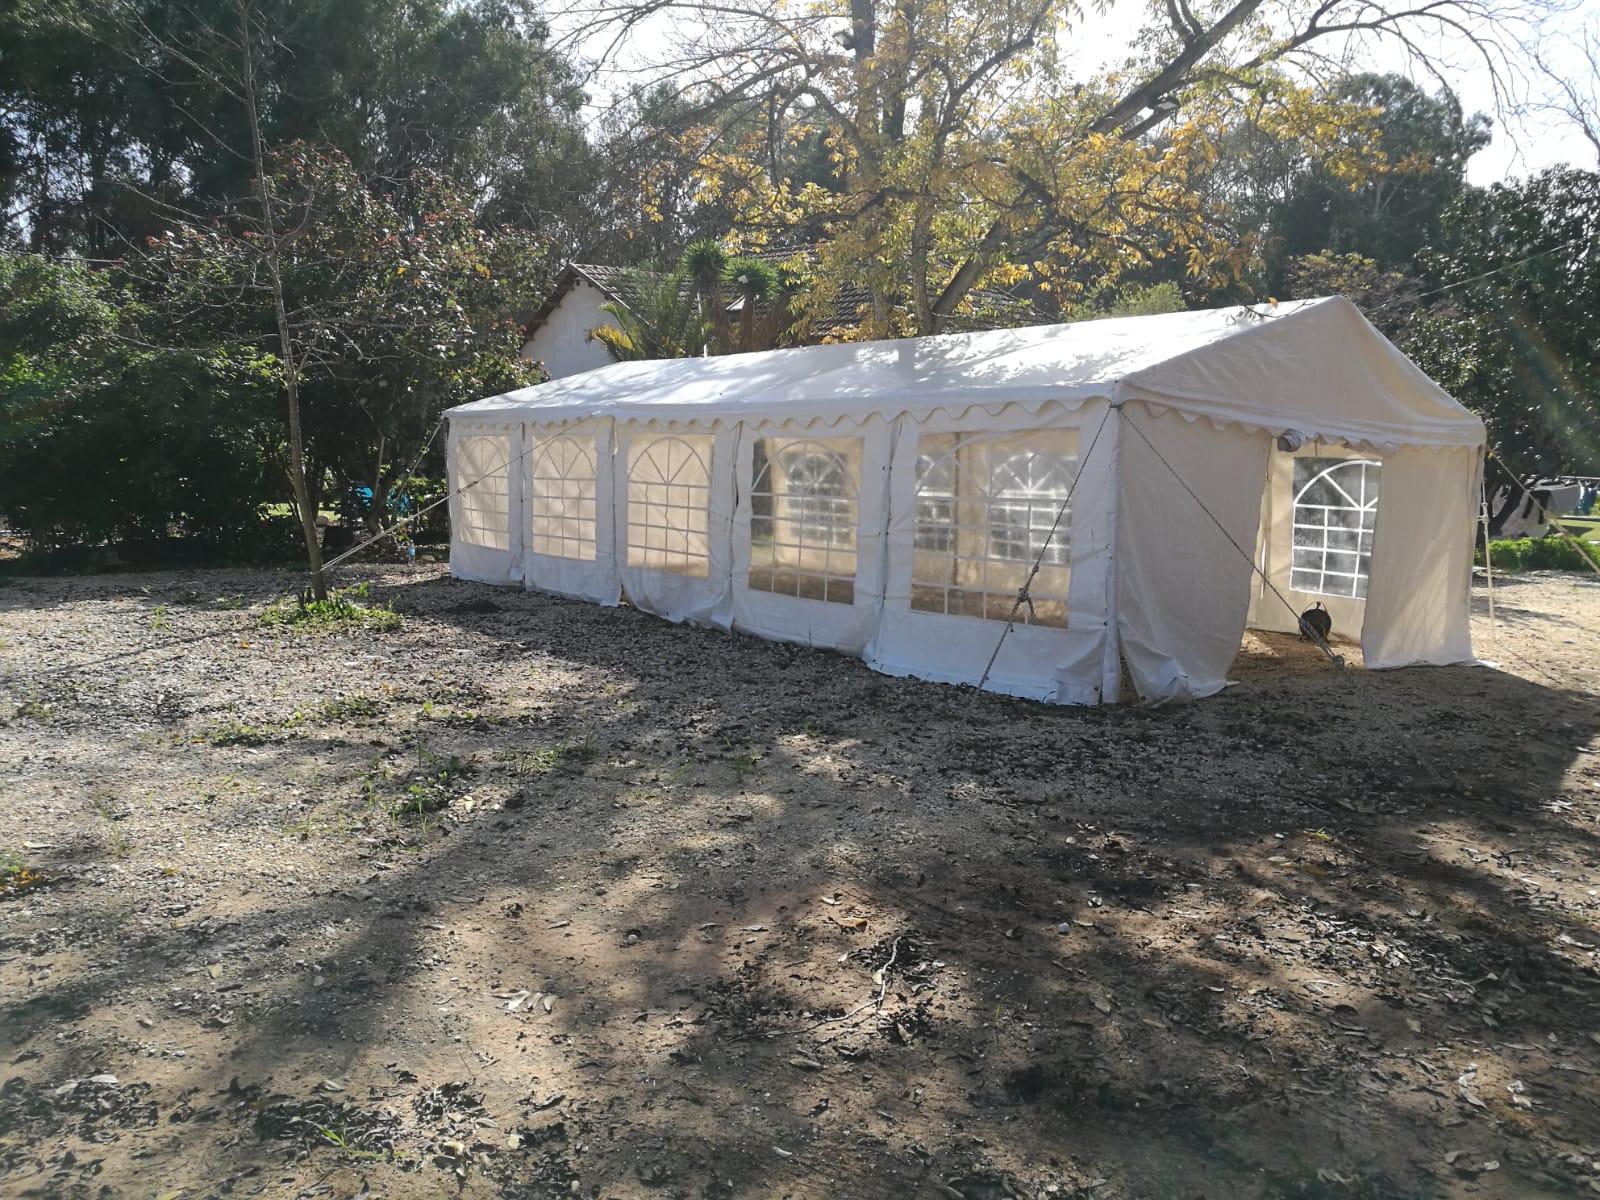 אוהל חורף 60-70 אורחים